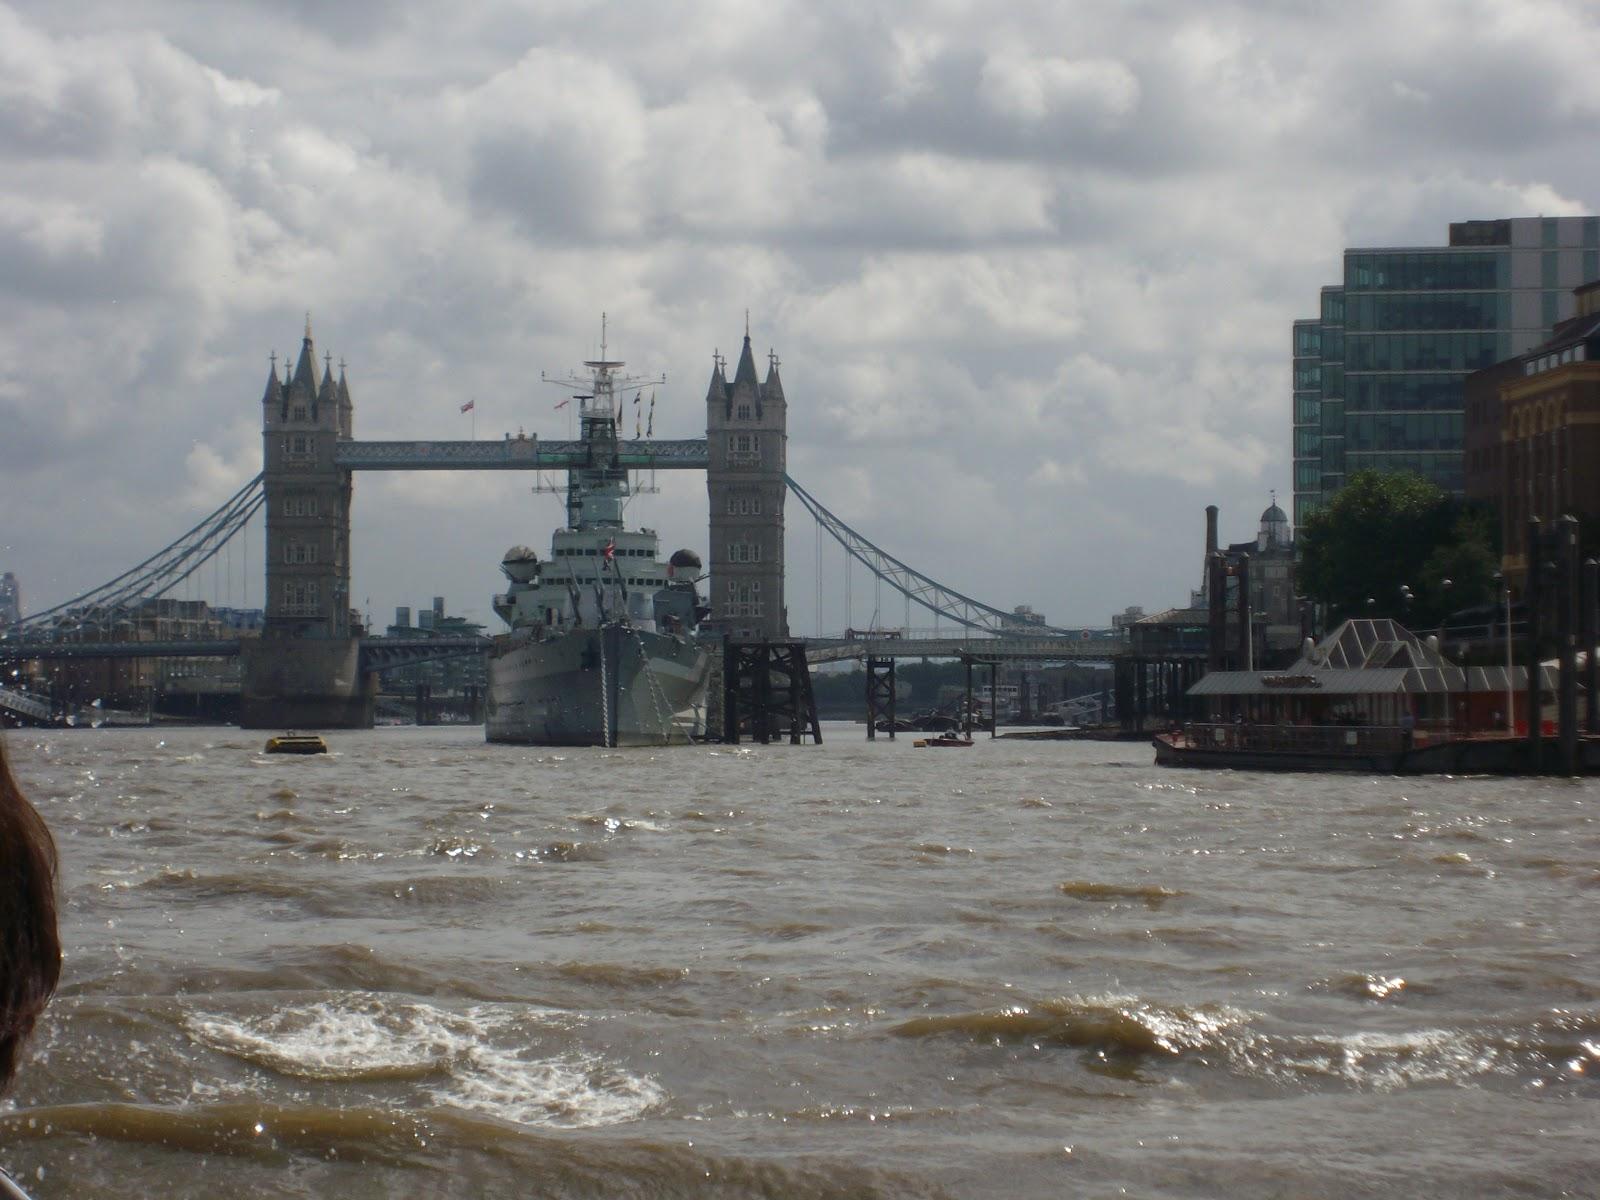 9cdbdc232f Lo si può ammirare da una crocera sul fiume, magari con un battello che  permette di salire e scendere a vostro piacimento, come questo di City  Cruises, ...